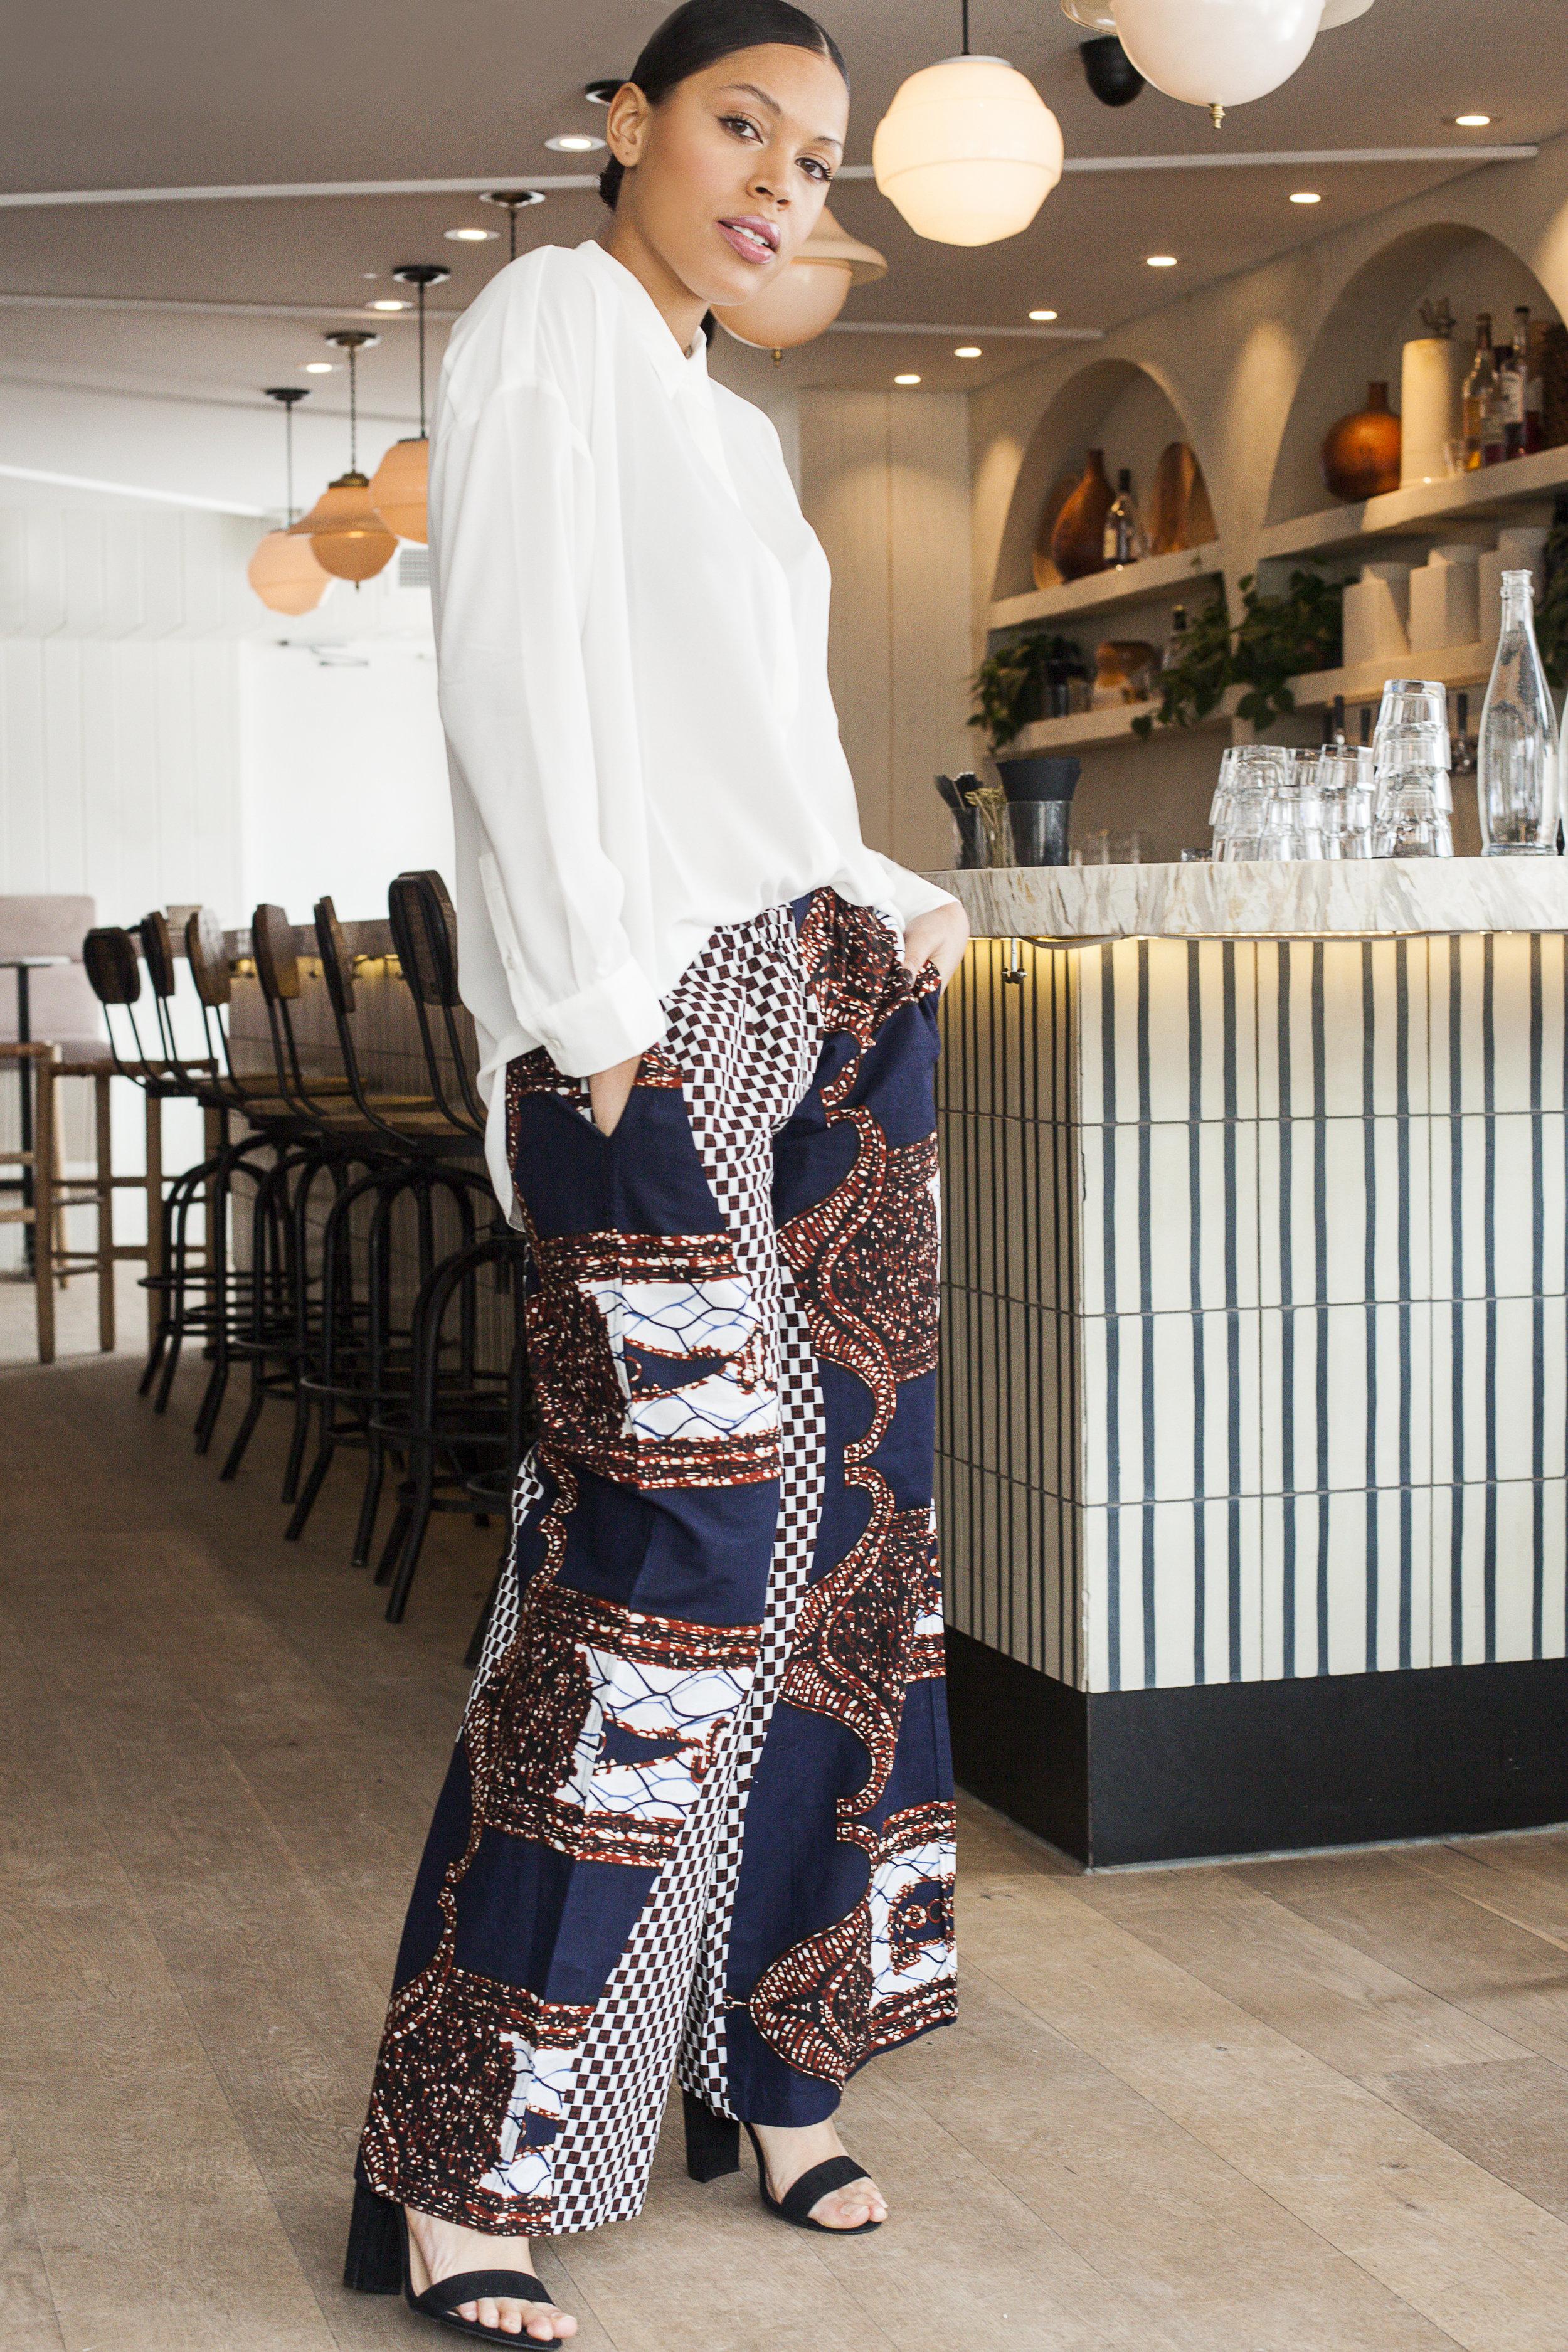 Crédit photo: Valérie Boulet  Lieu: Gypsy café + bar  Vêtements: Batik Boutik